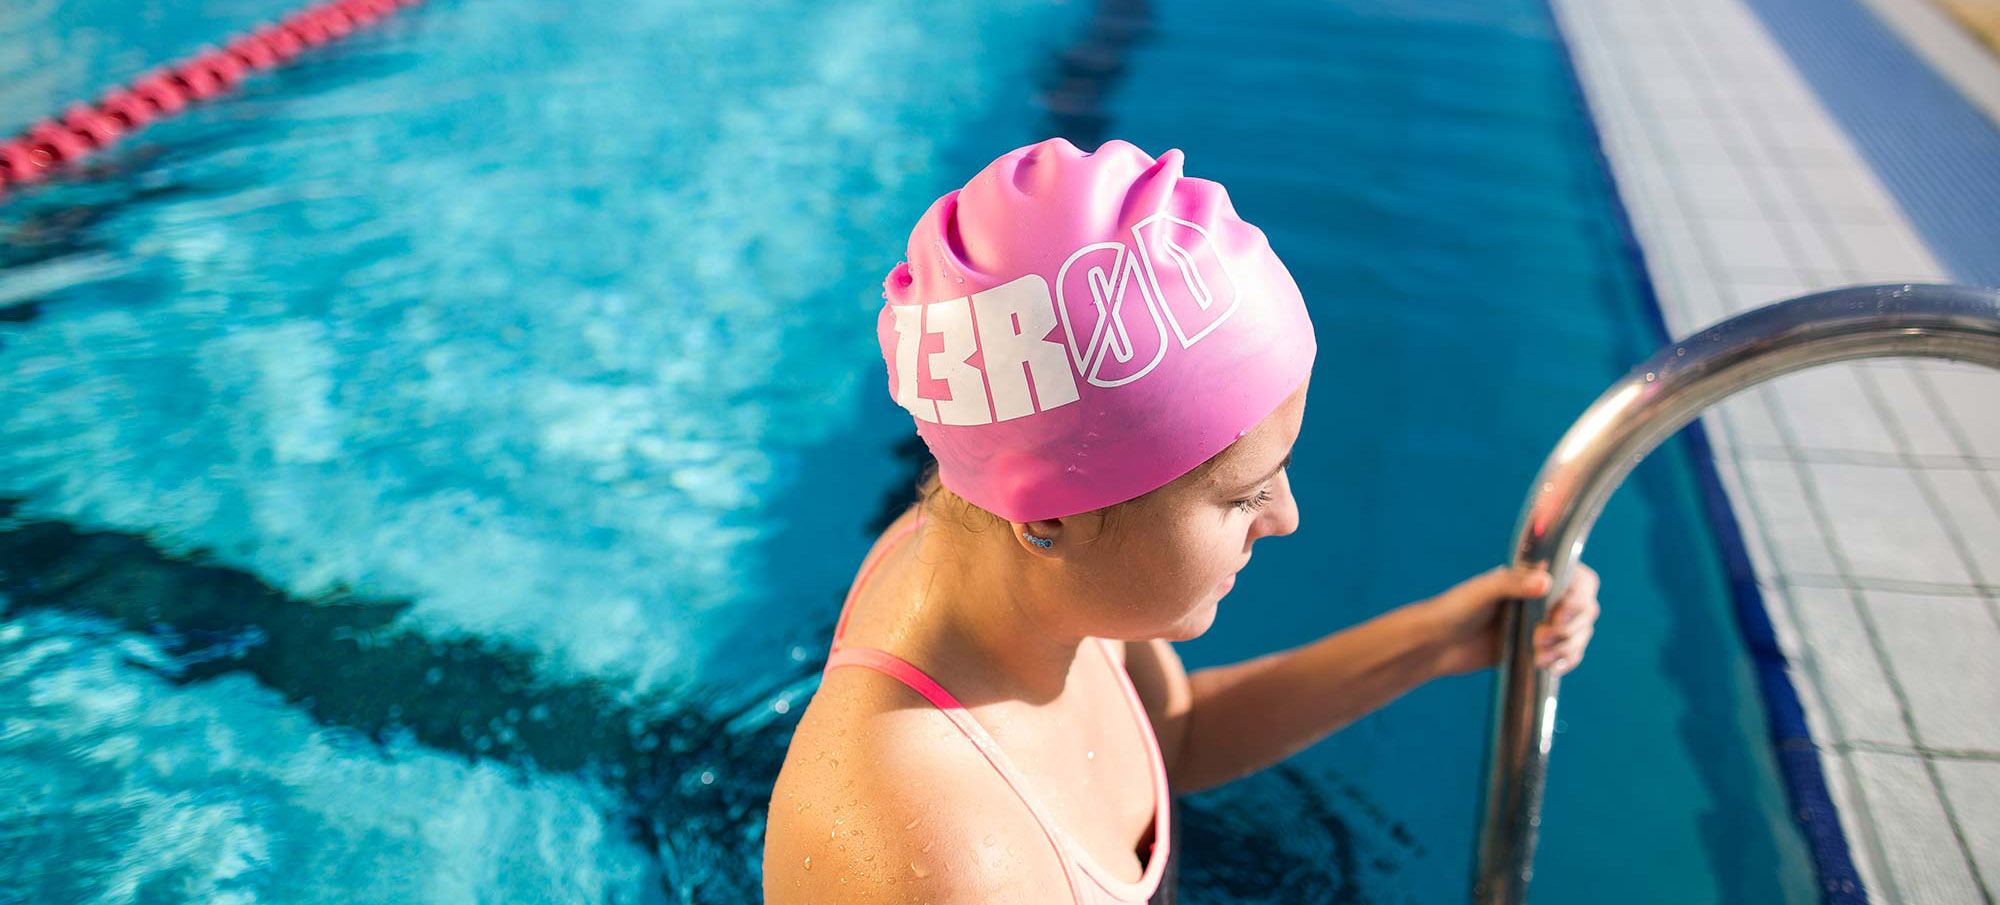 Swimming - Women - SWIM CAPS